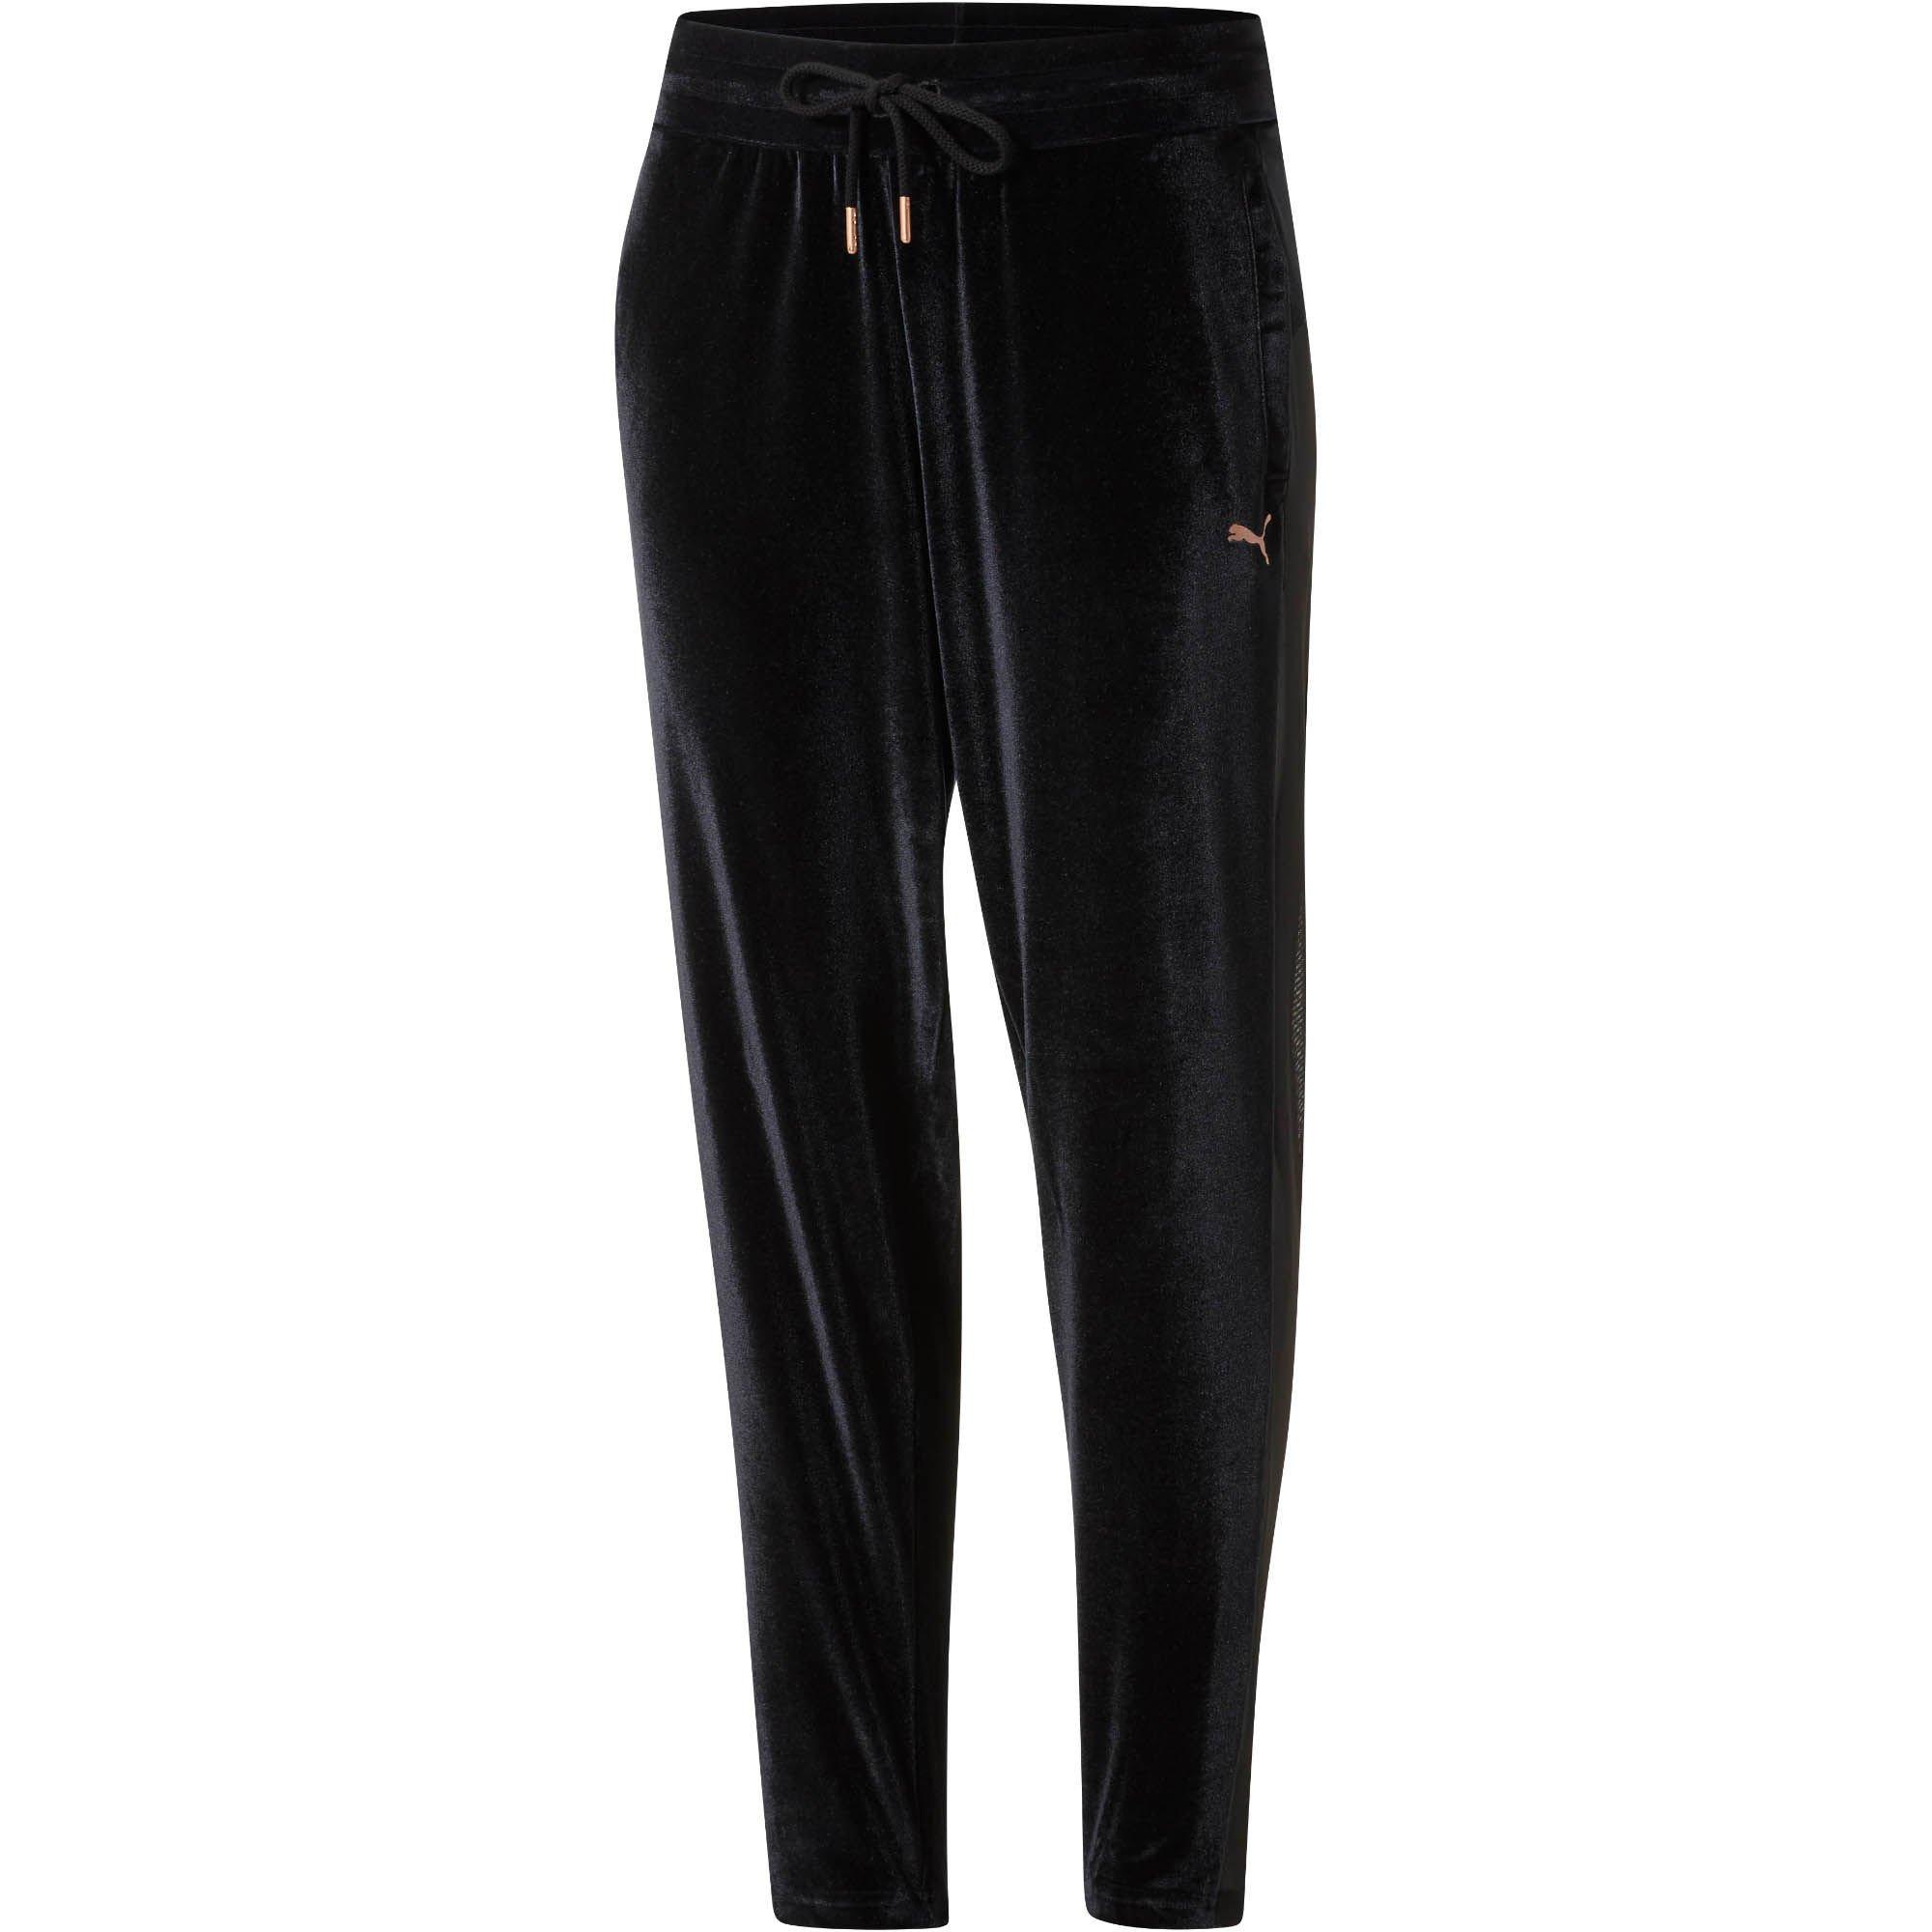 PUMA Women's Yogini Velvet Pants Black Small